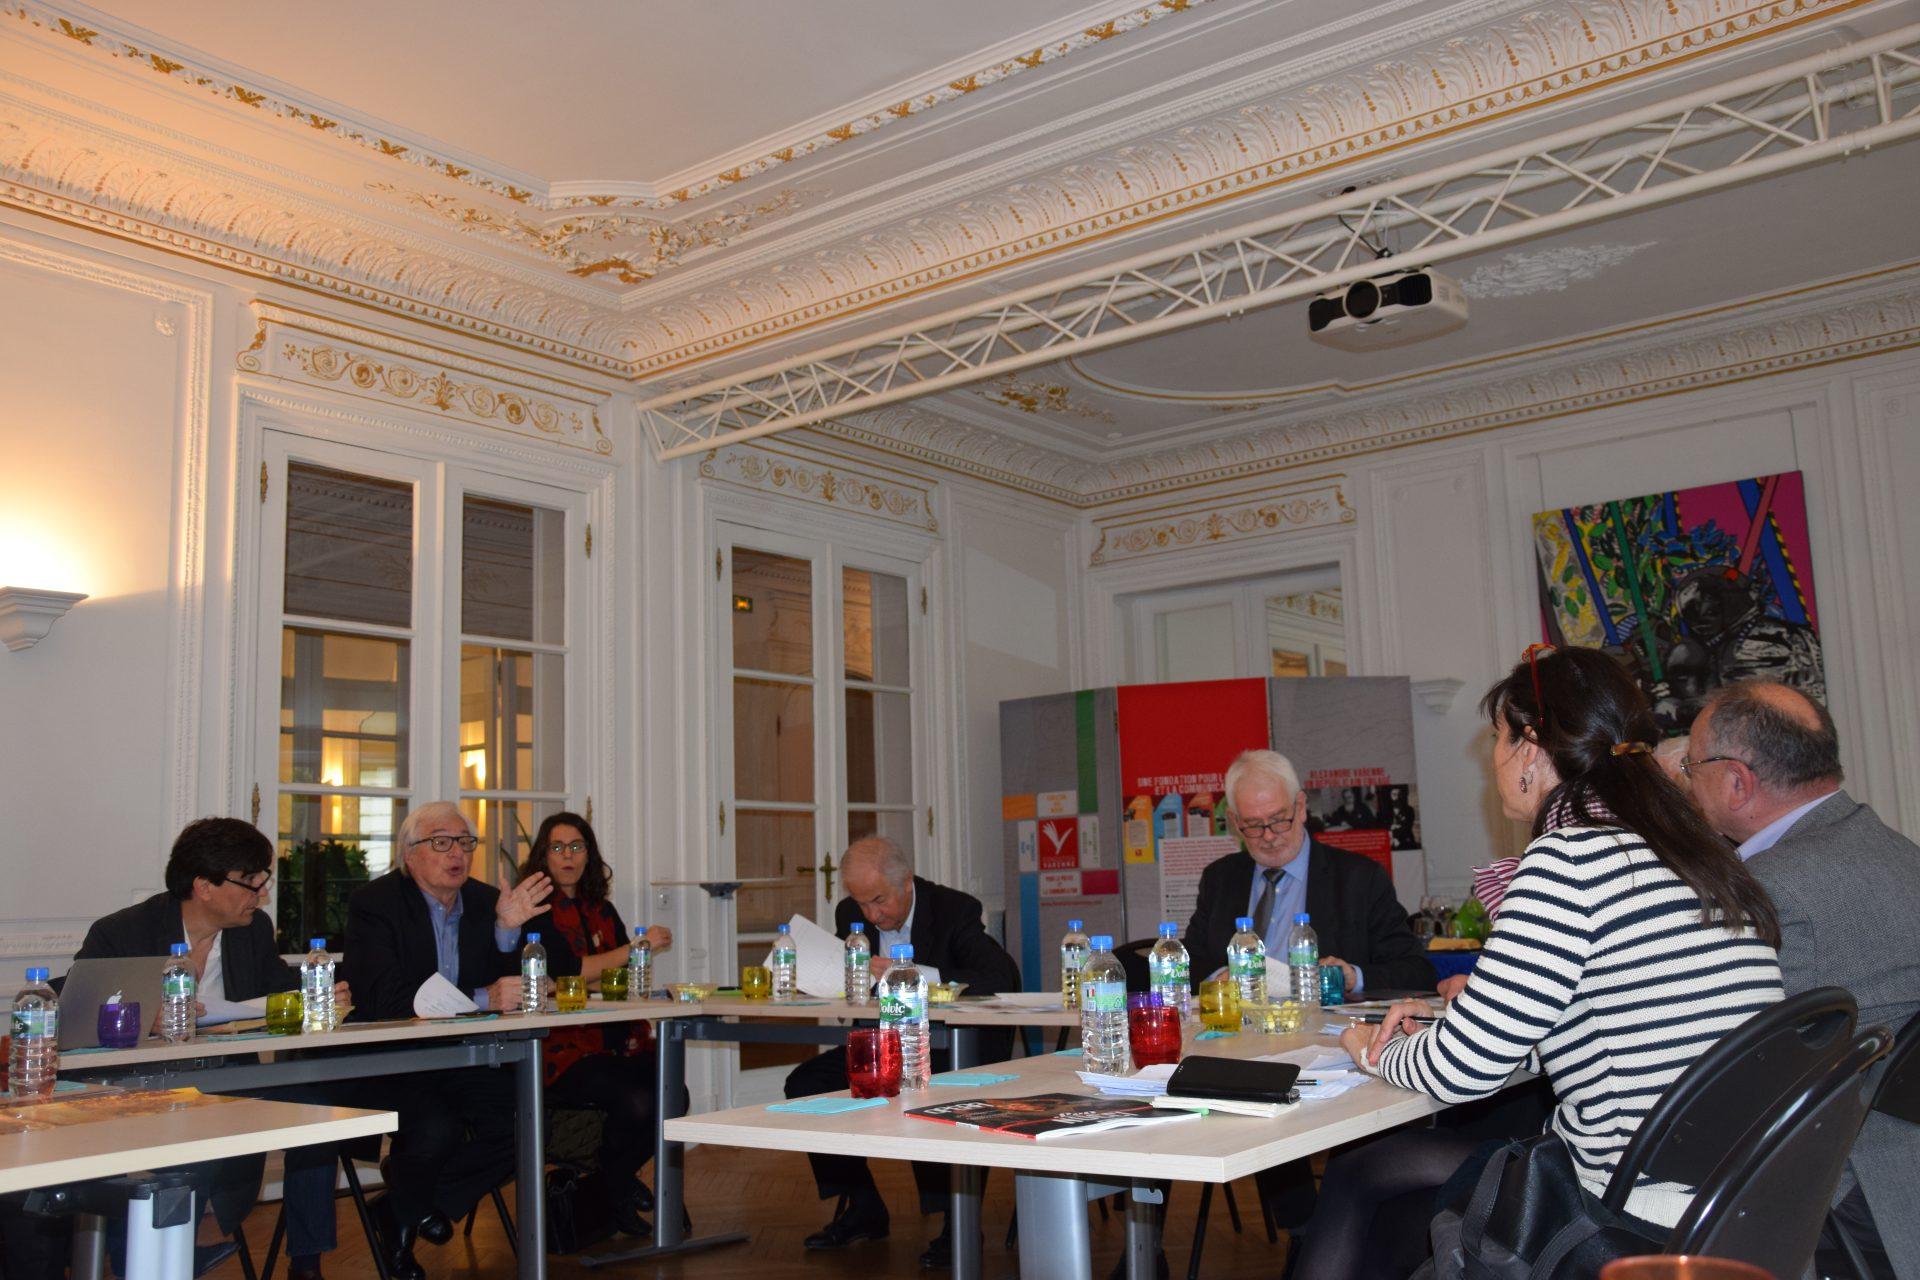 Jury Presse quotidienne départementale - Sophie BECHEREL (France Inter), Maud GRILLARD (SPQD), Jean VIANSSON-PONTÉ (SPQR)